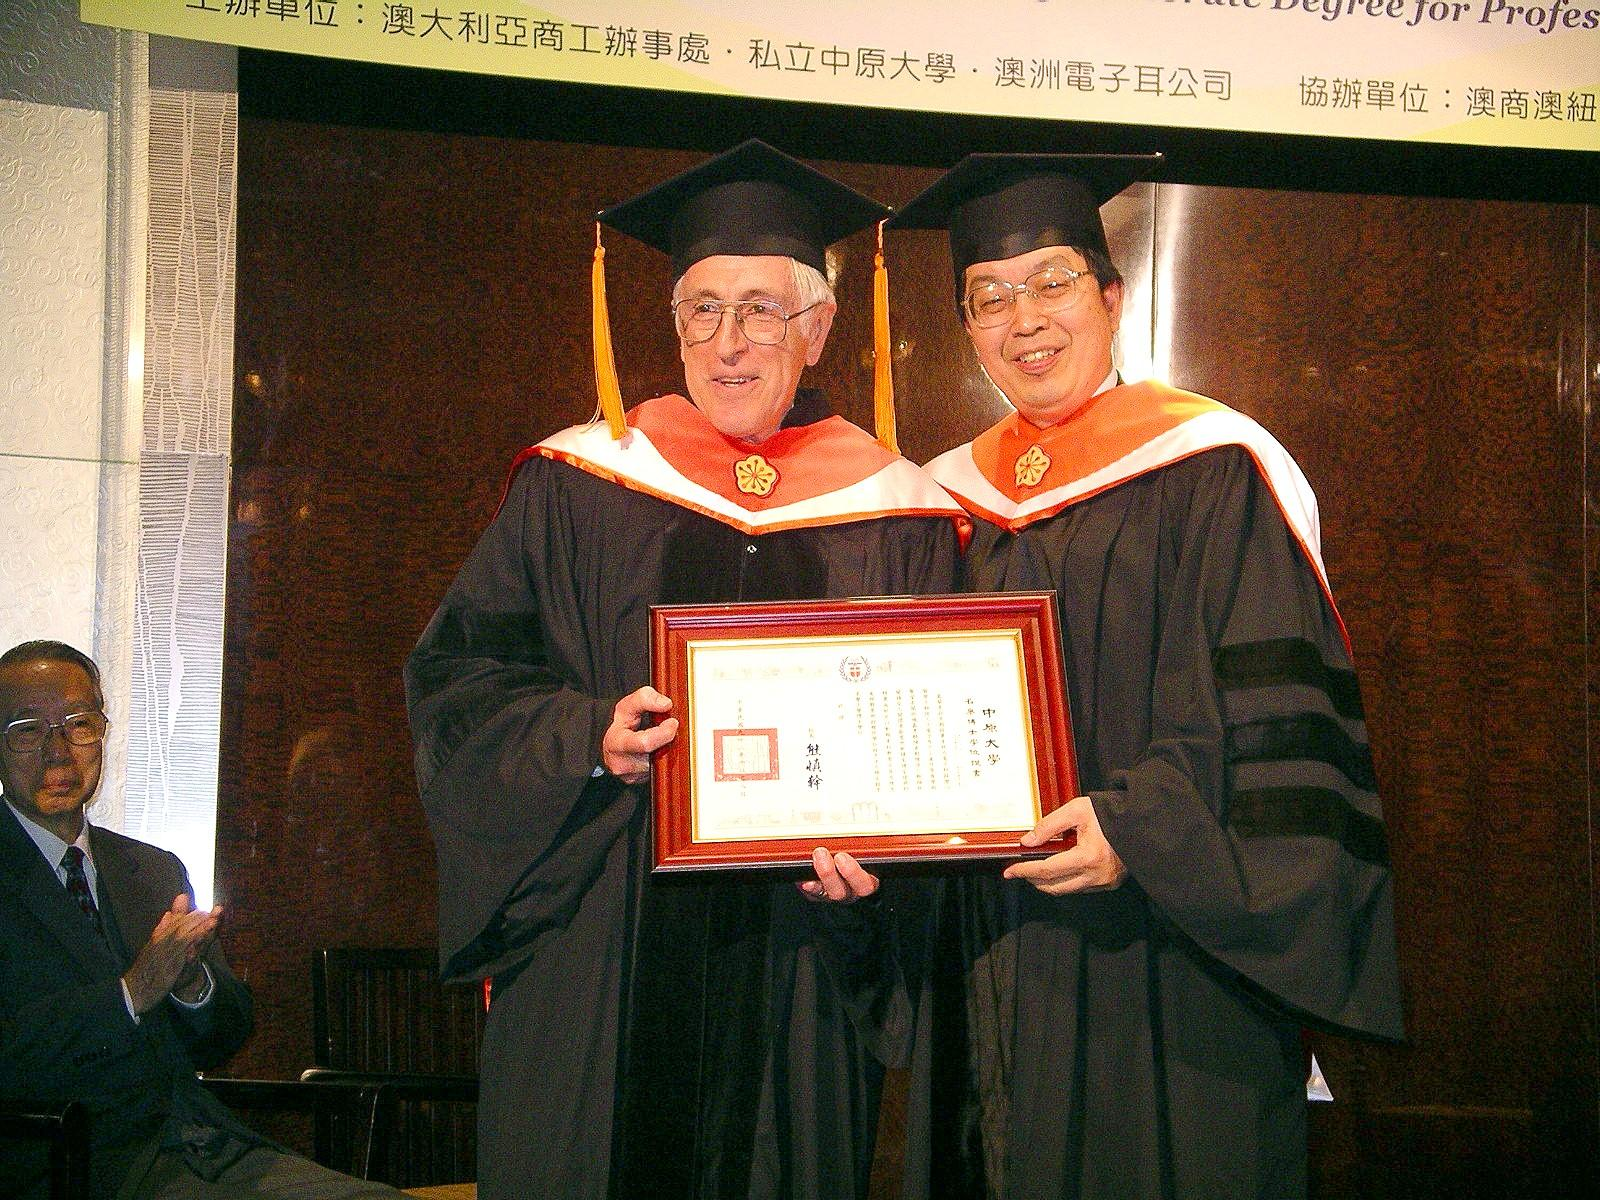 榮譽工學博士葛蘭克拉克教授 - 獲頒學位話說從頭